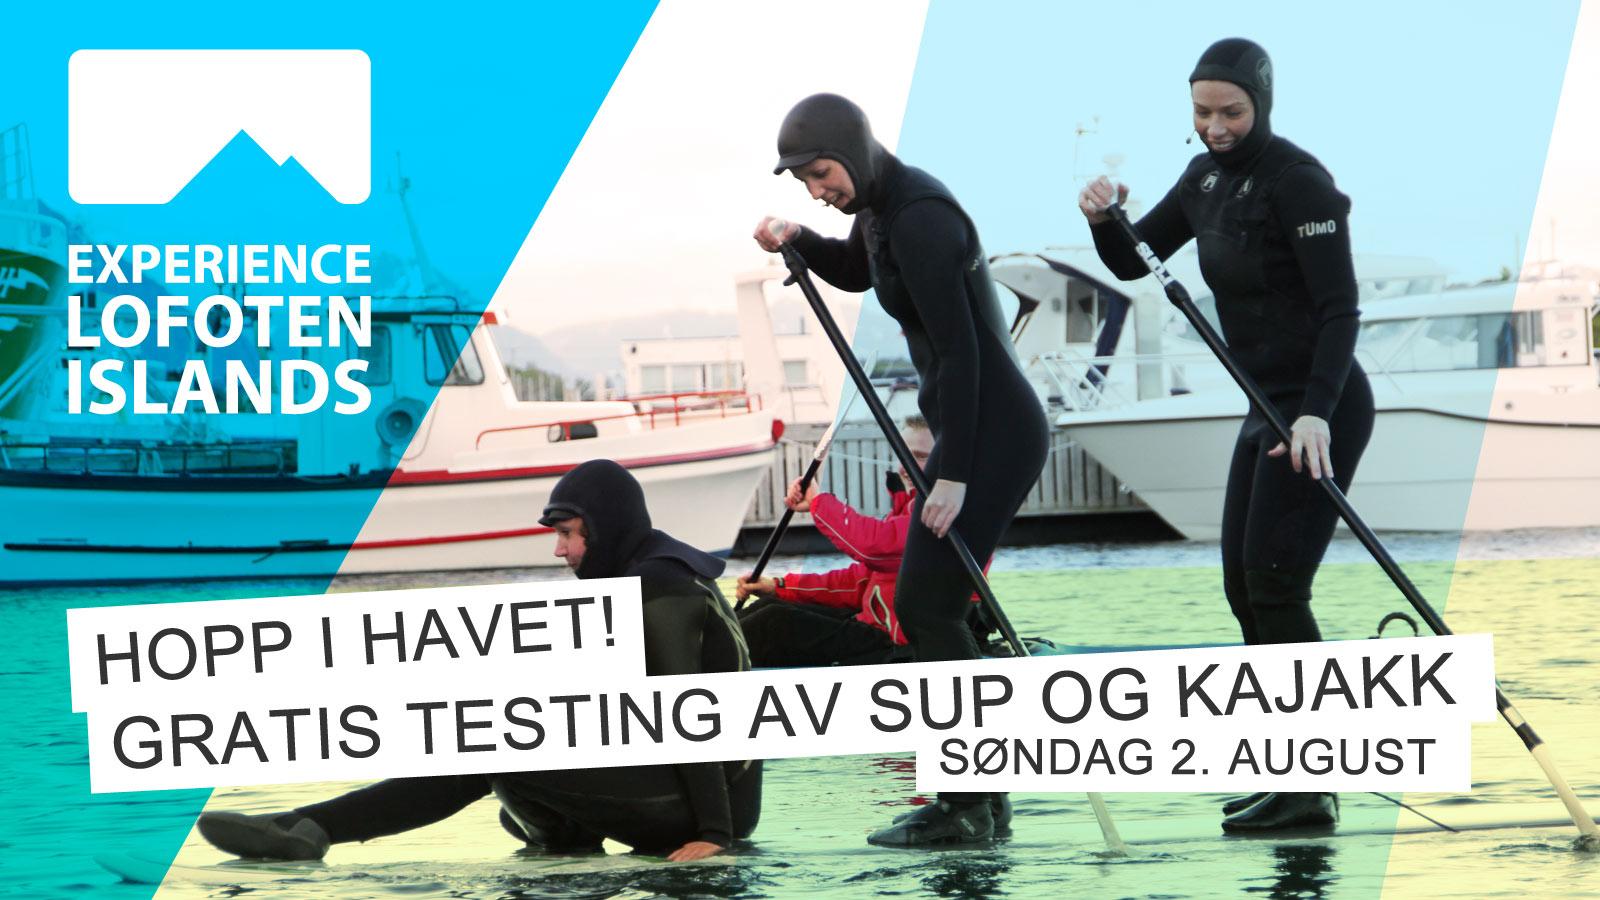 Grafikk: Gratis testing av SUP og kajakk! | Stamsund.no | Stamsund på Nett